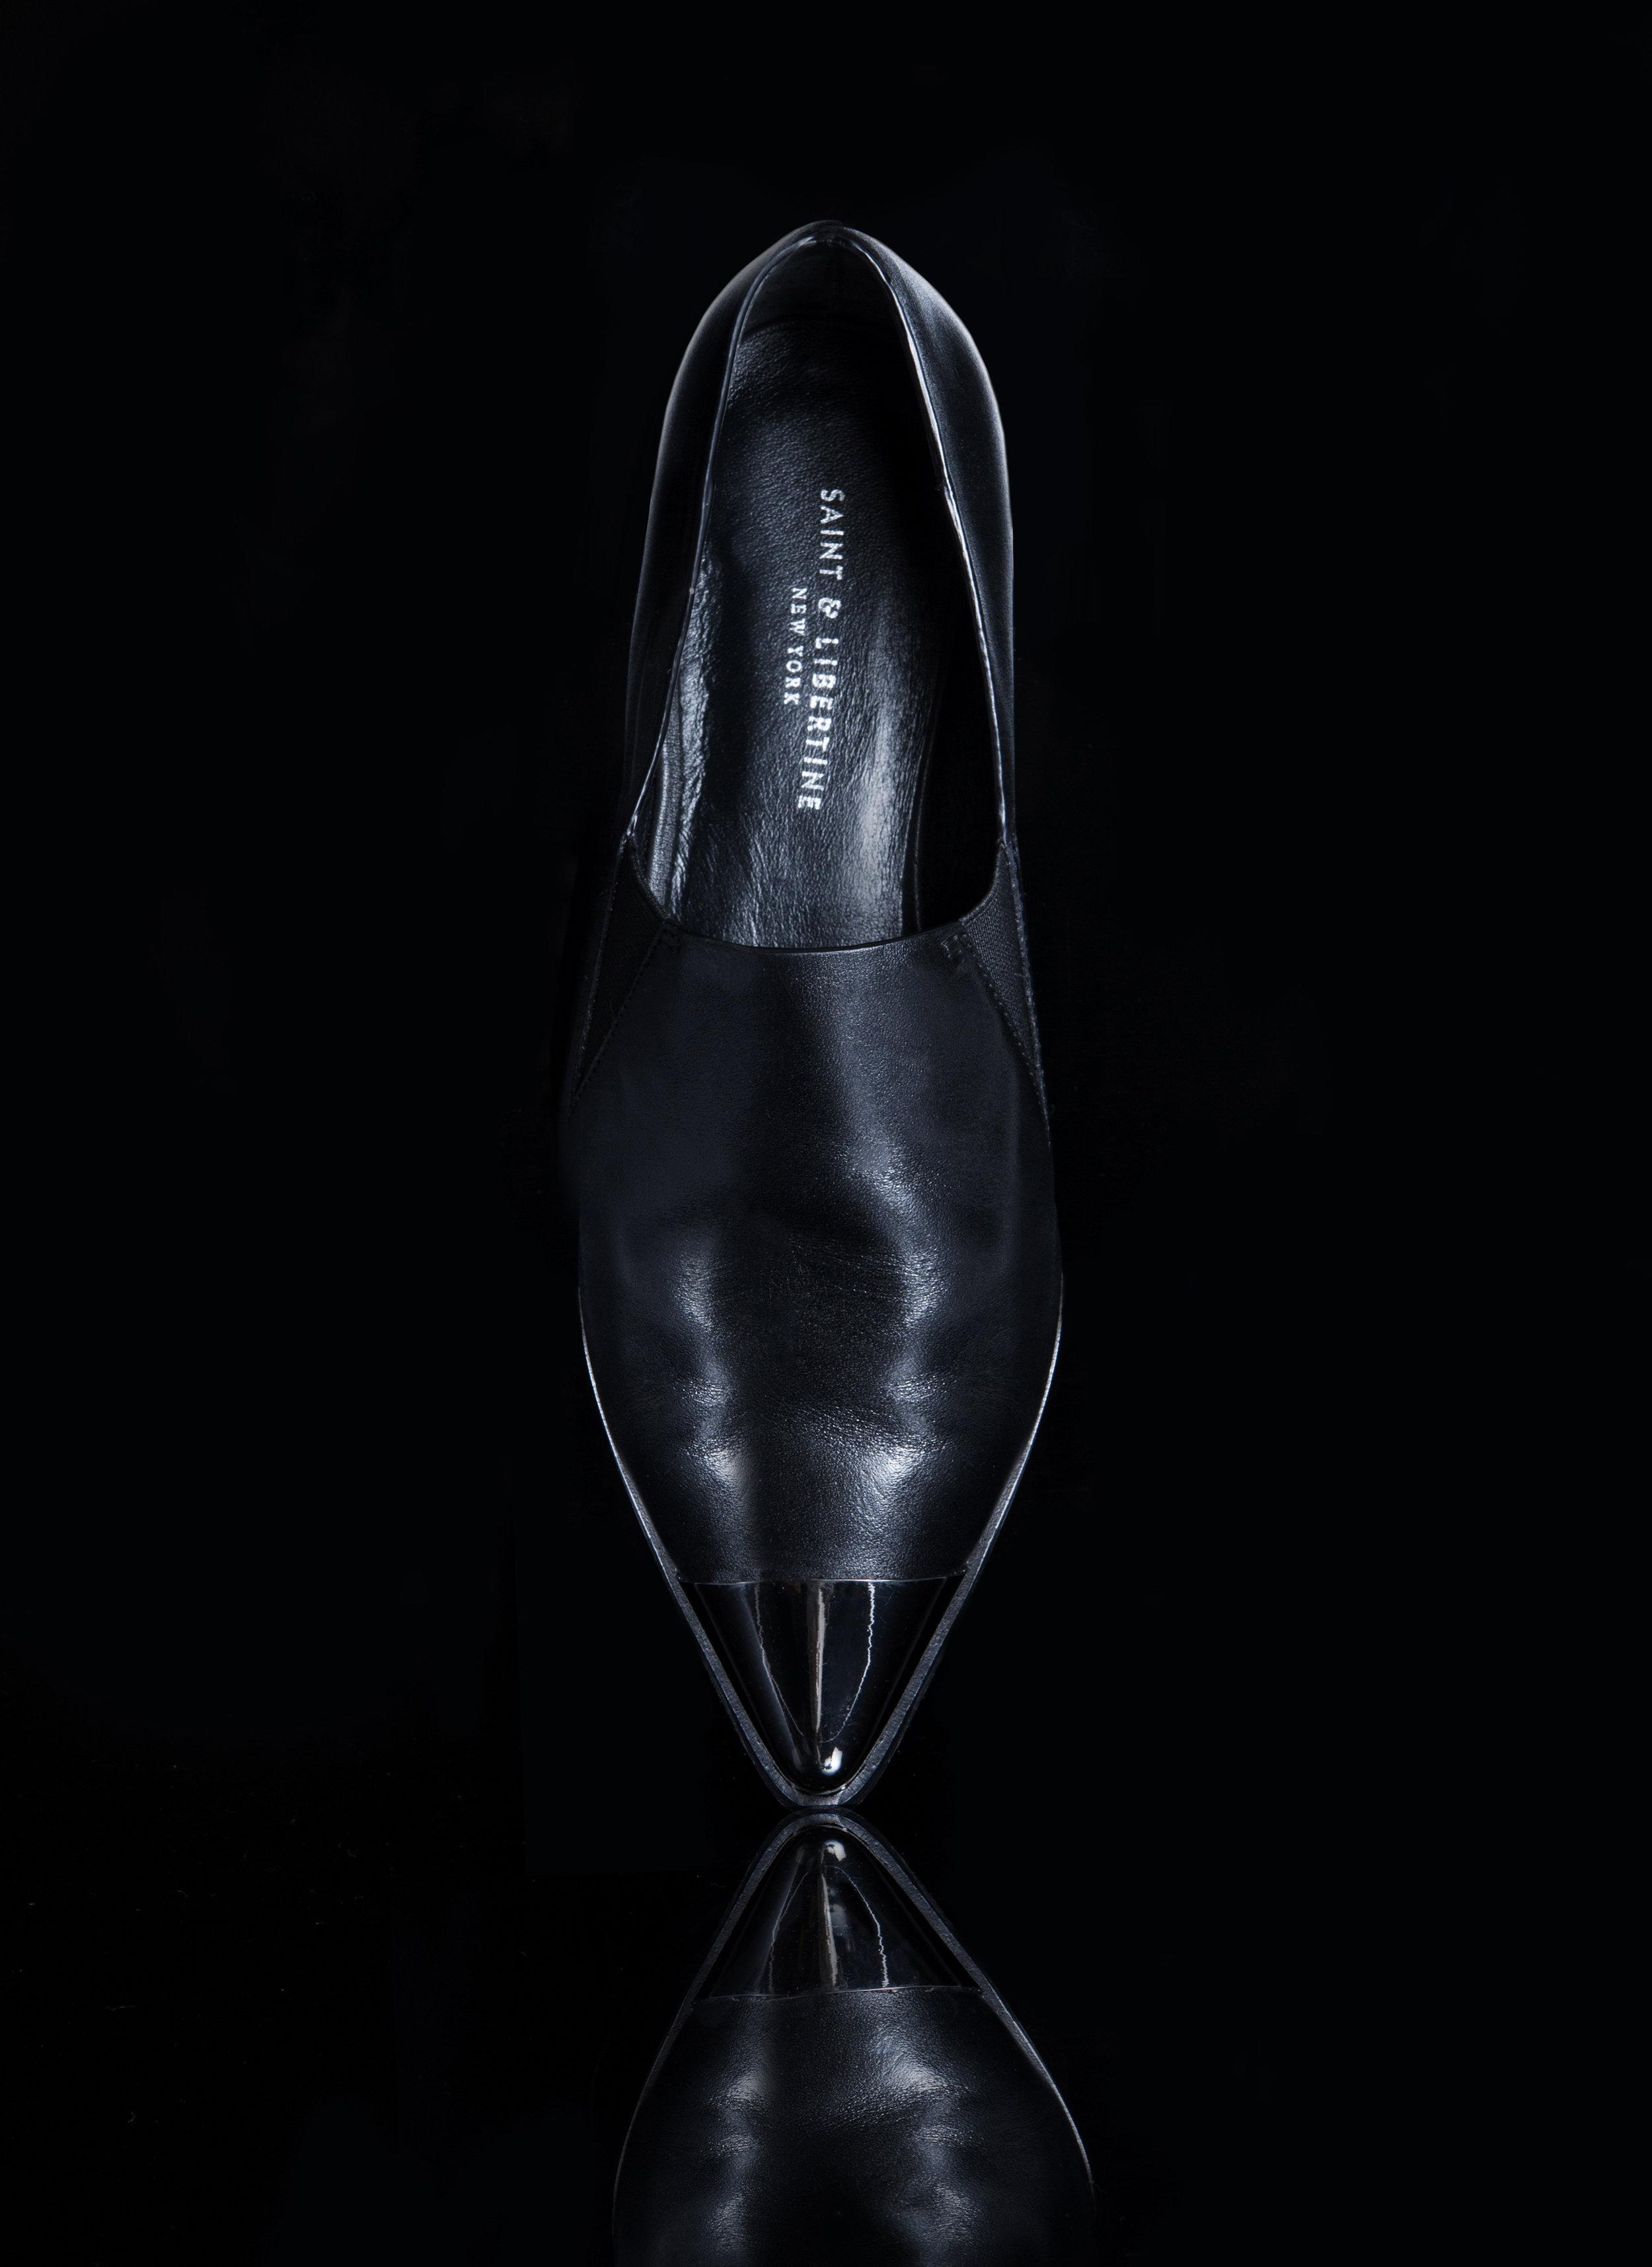 Photography by Jayce Park, BFA Photography. Styling by Chaw Chaw Su San, BFA Fashion Styling. Shoe, Saint & Libertine.